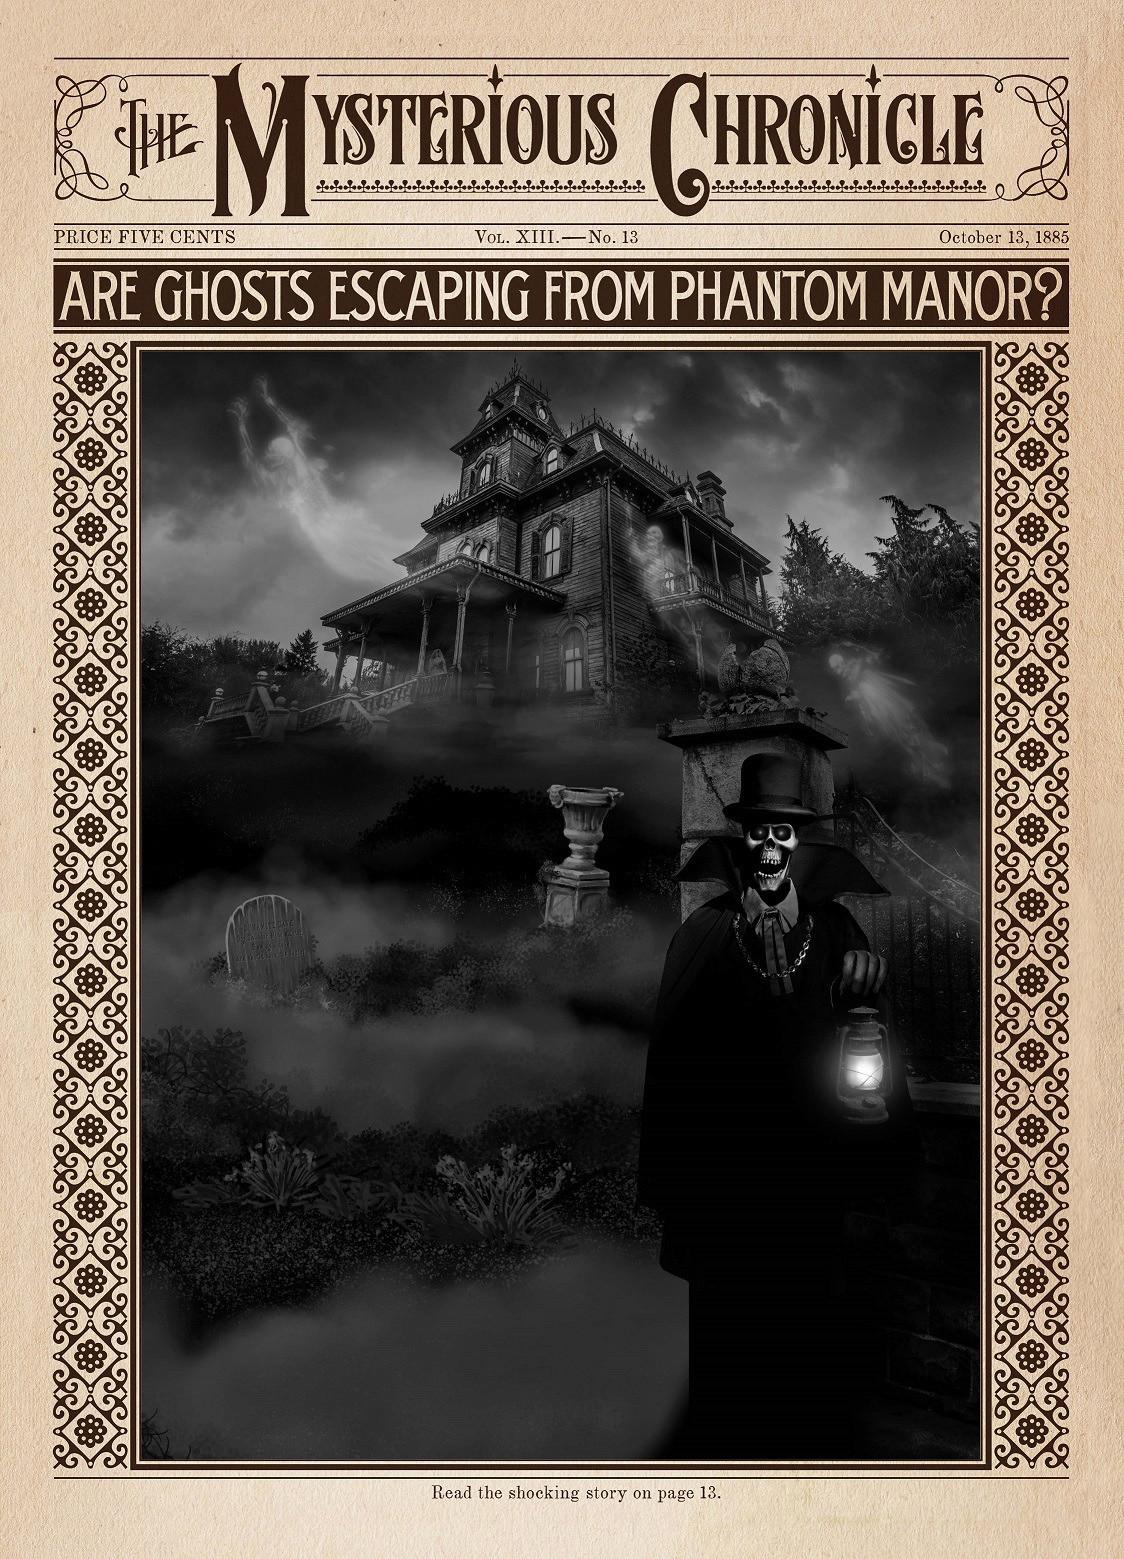 [PhotoPass] Arrivée du Magic Shot avec les personnages de Phantom Manor à Frontierland - Page 3 Pmspir10